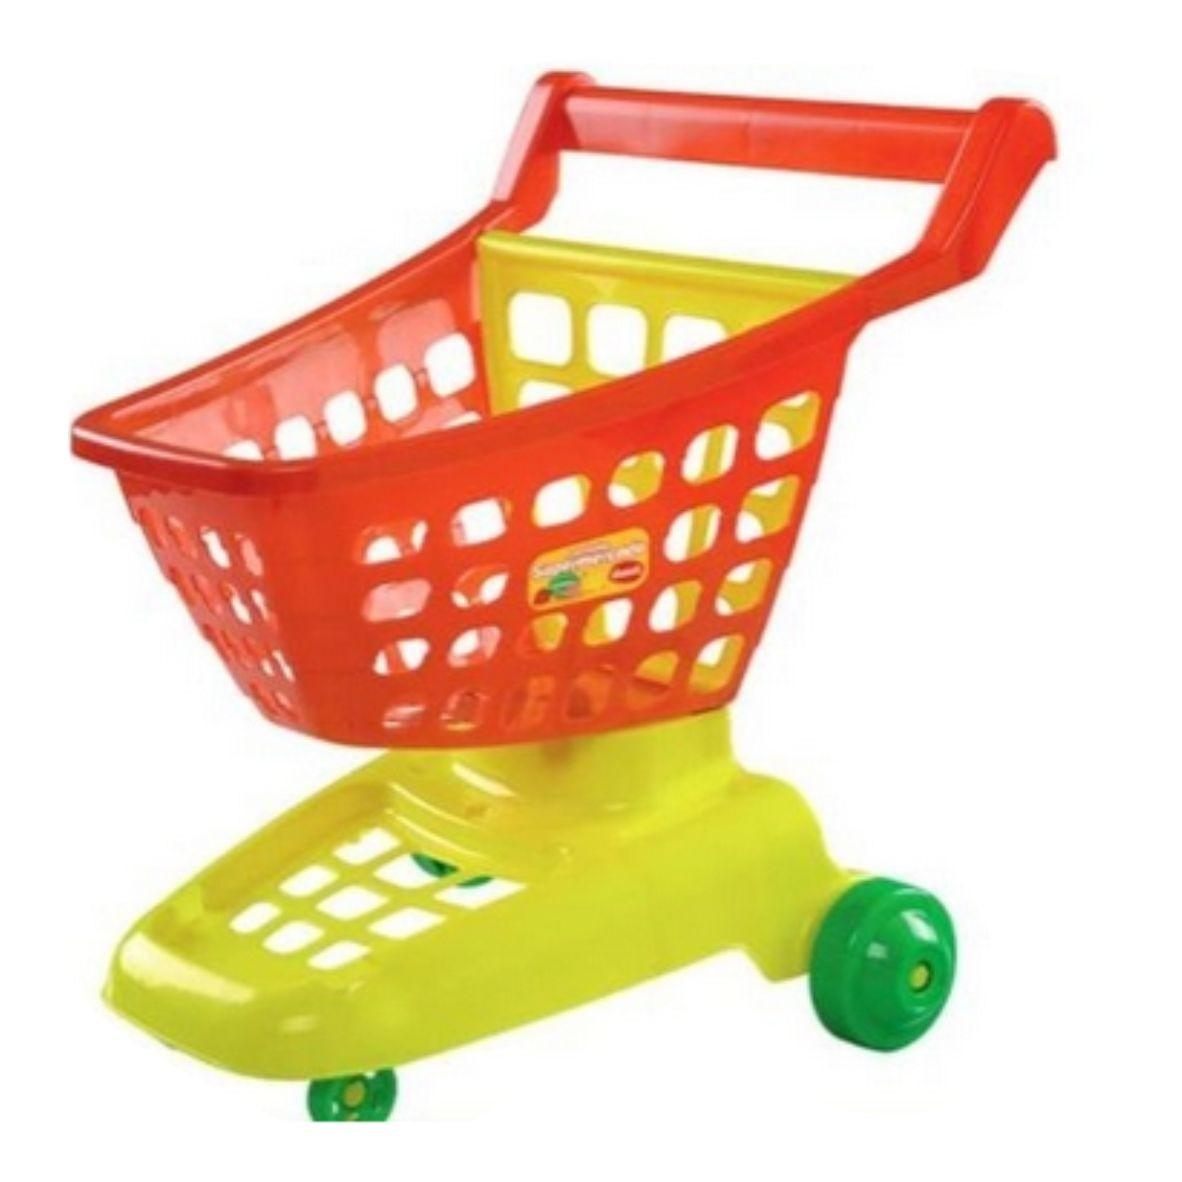 Carrinho de Supermercado Vermelho/Amarelo